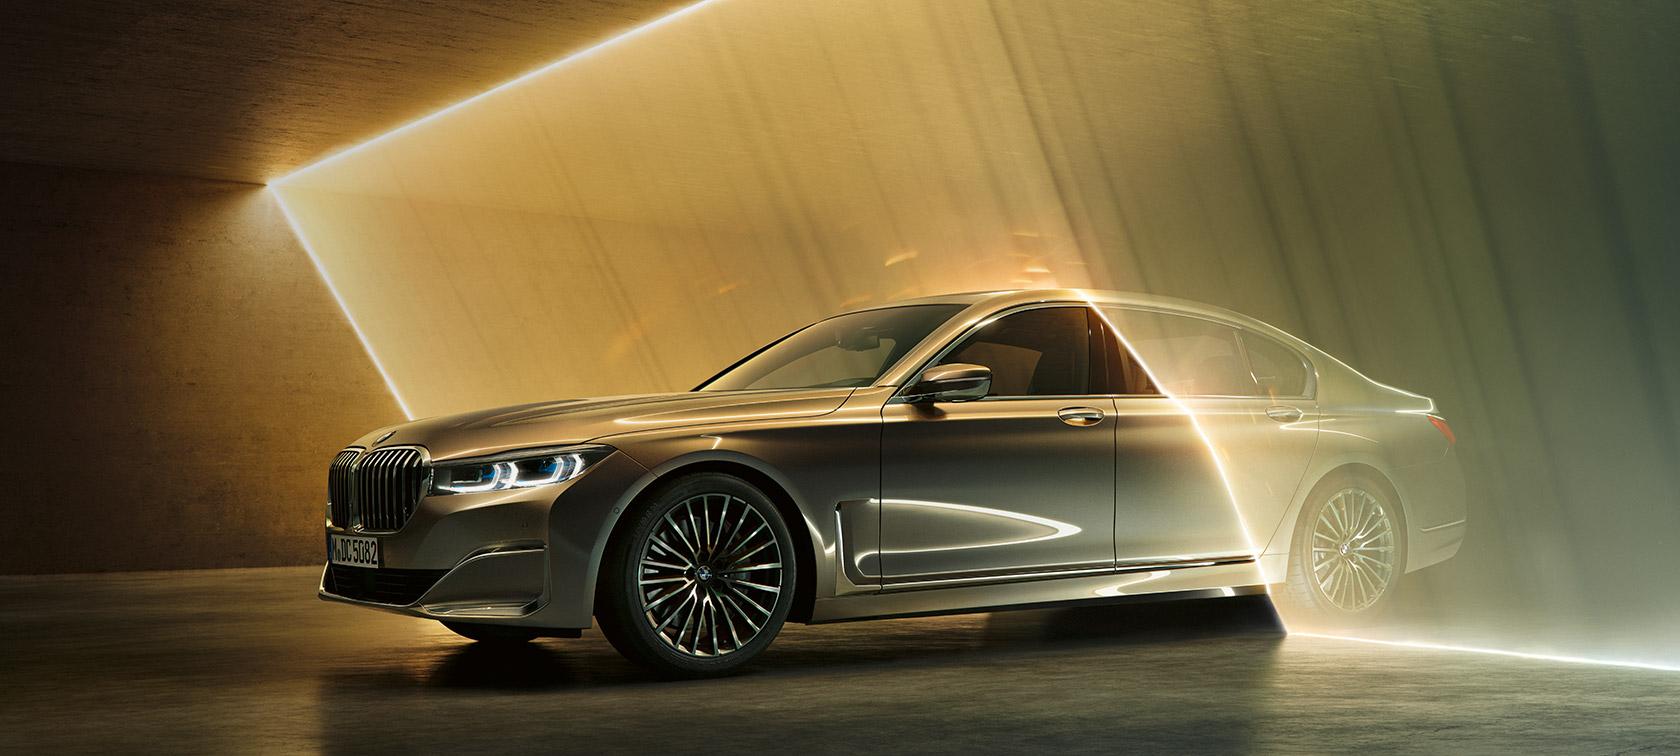 El próximo BMW Serie 7 incluirá una versión eléctrica: primeros detalles